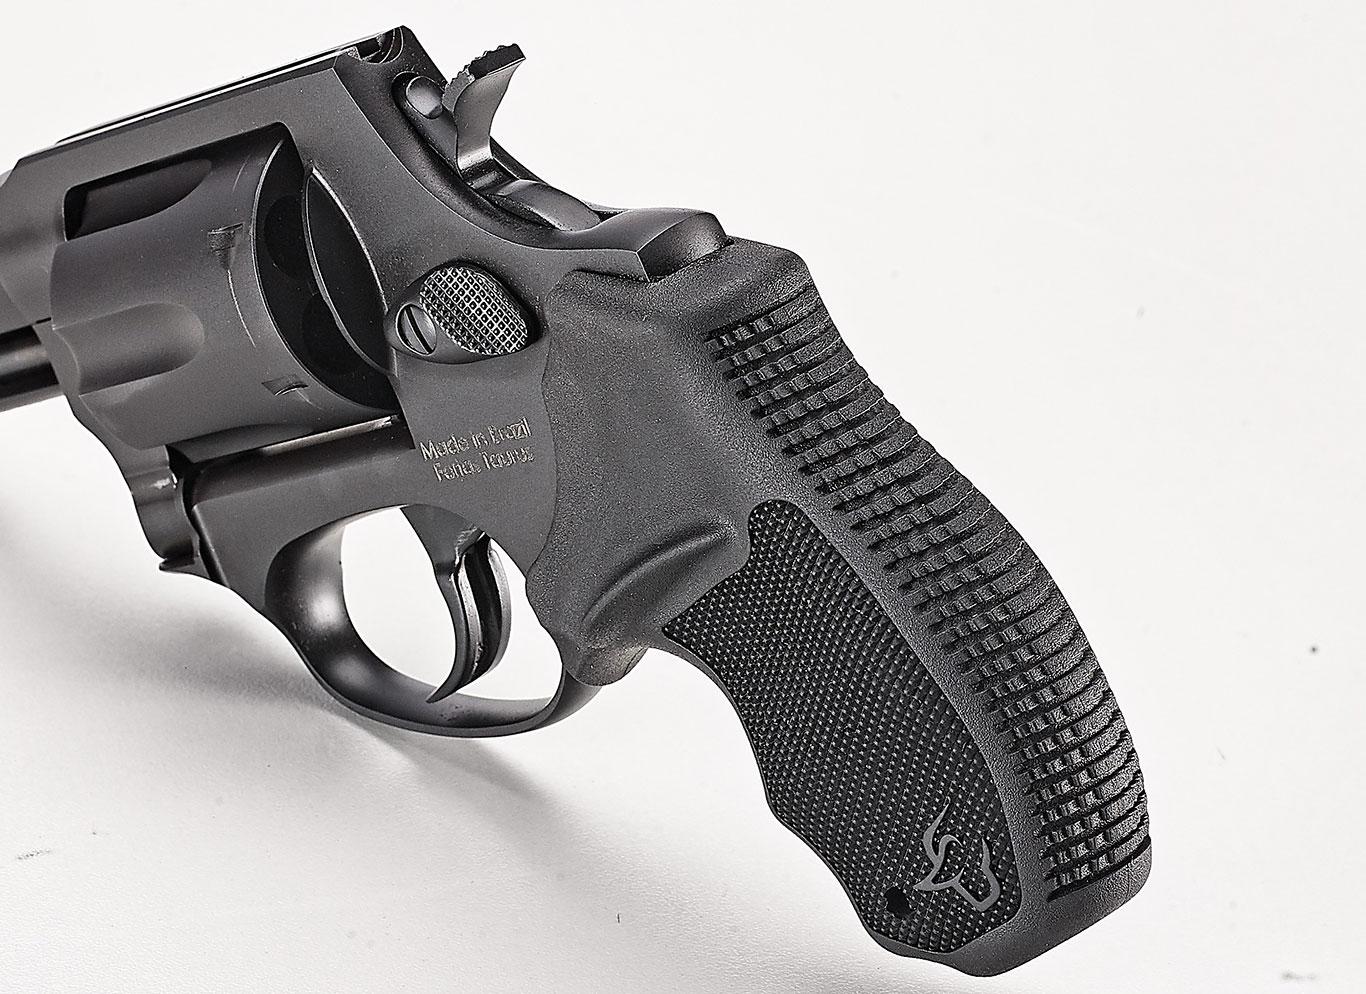 Taurus-856-.38-Special-Revolver-Grip